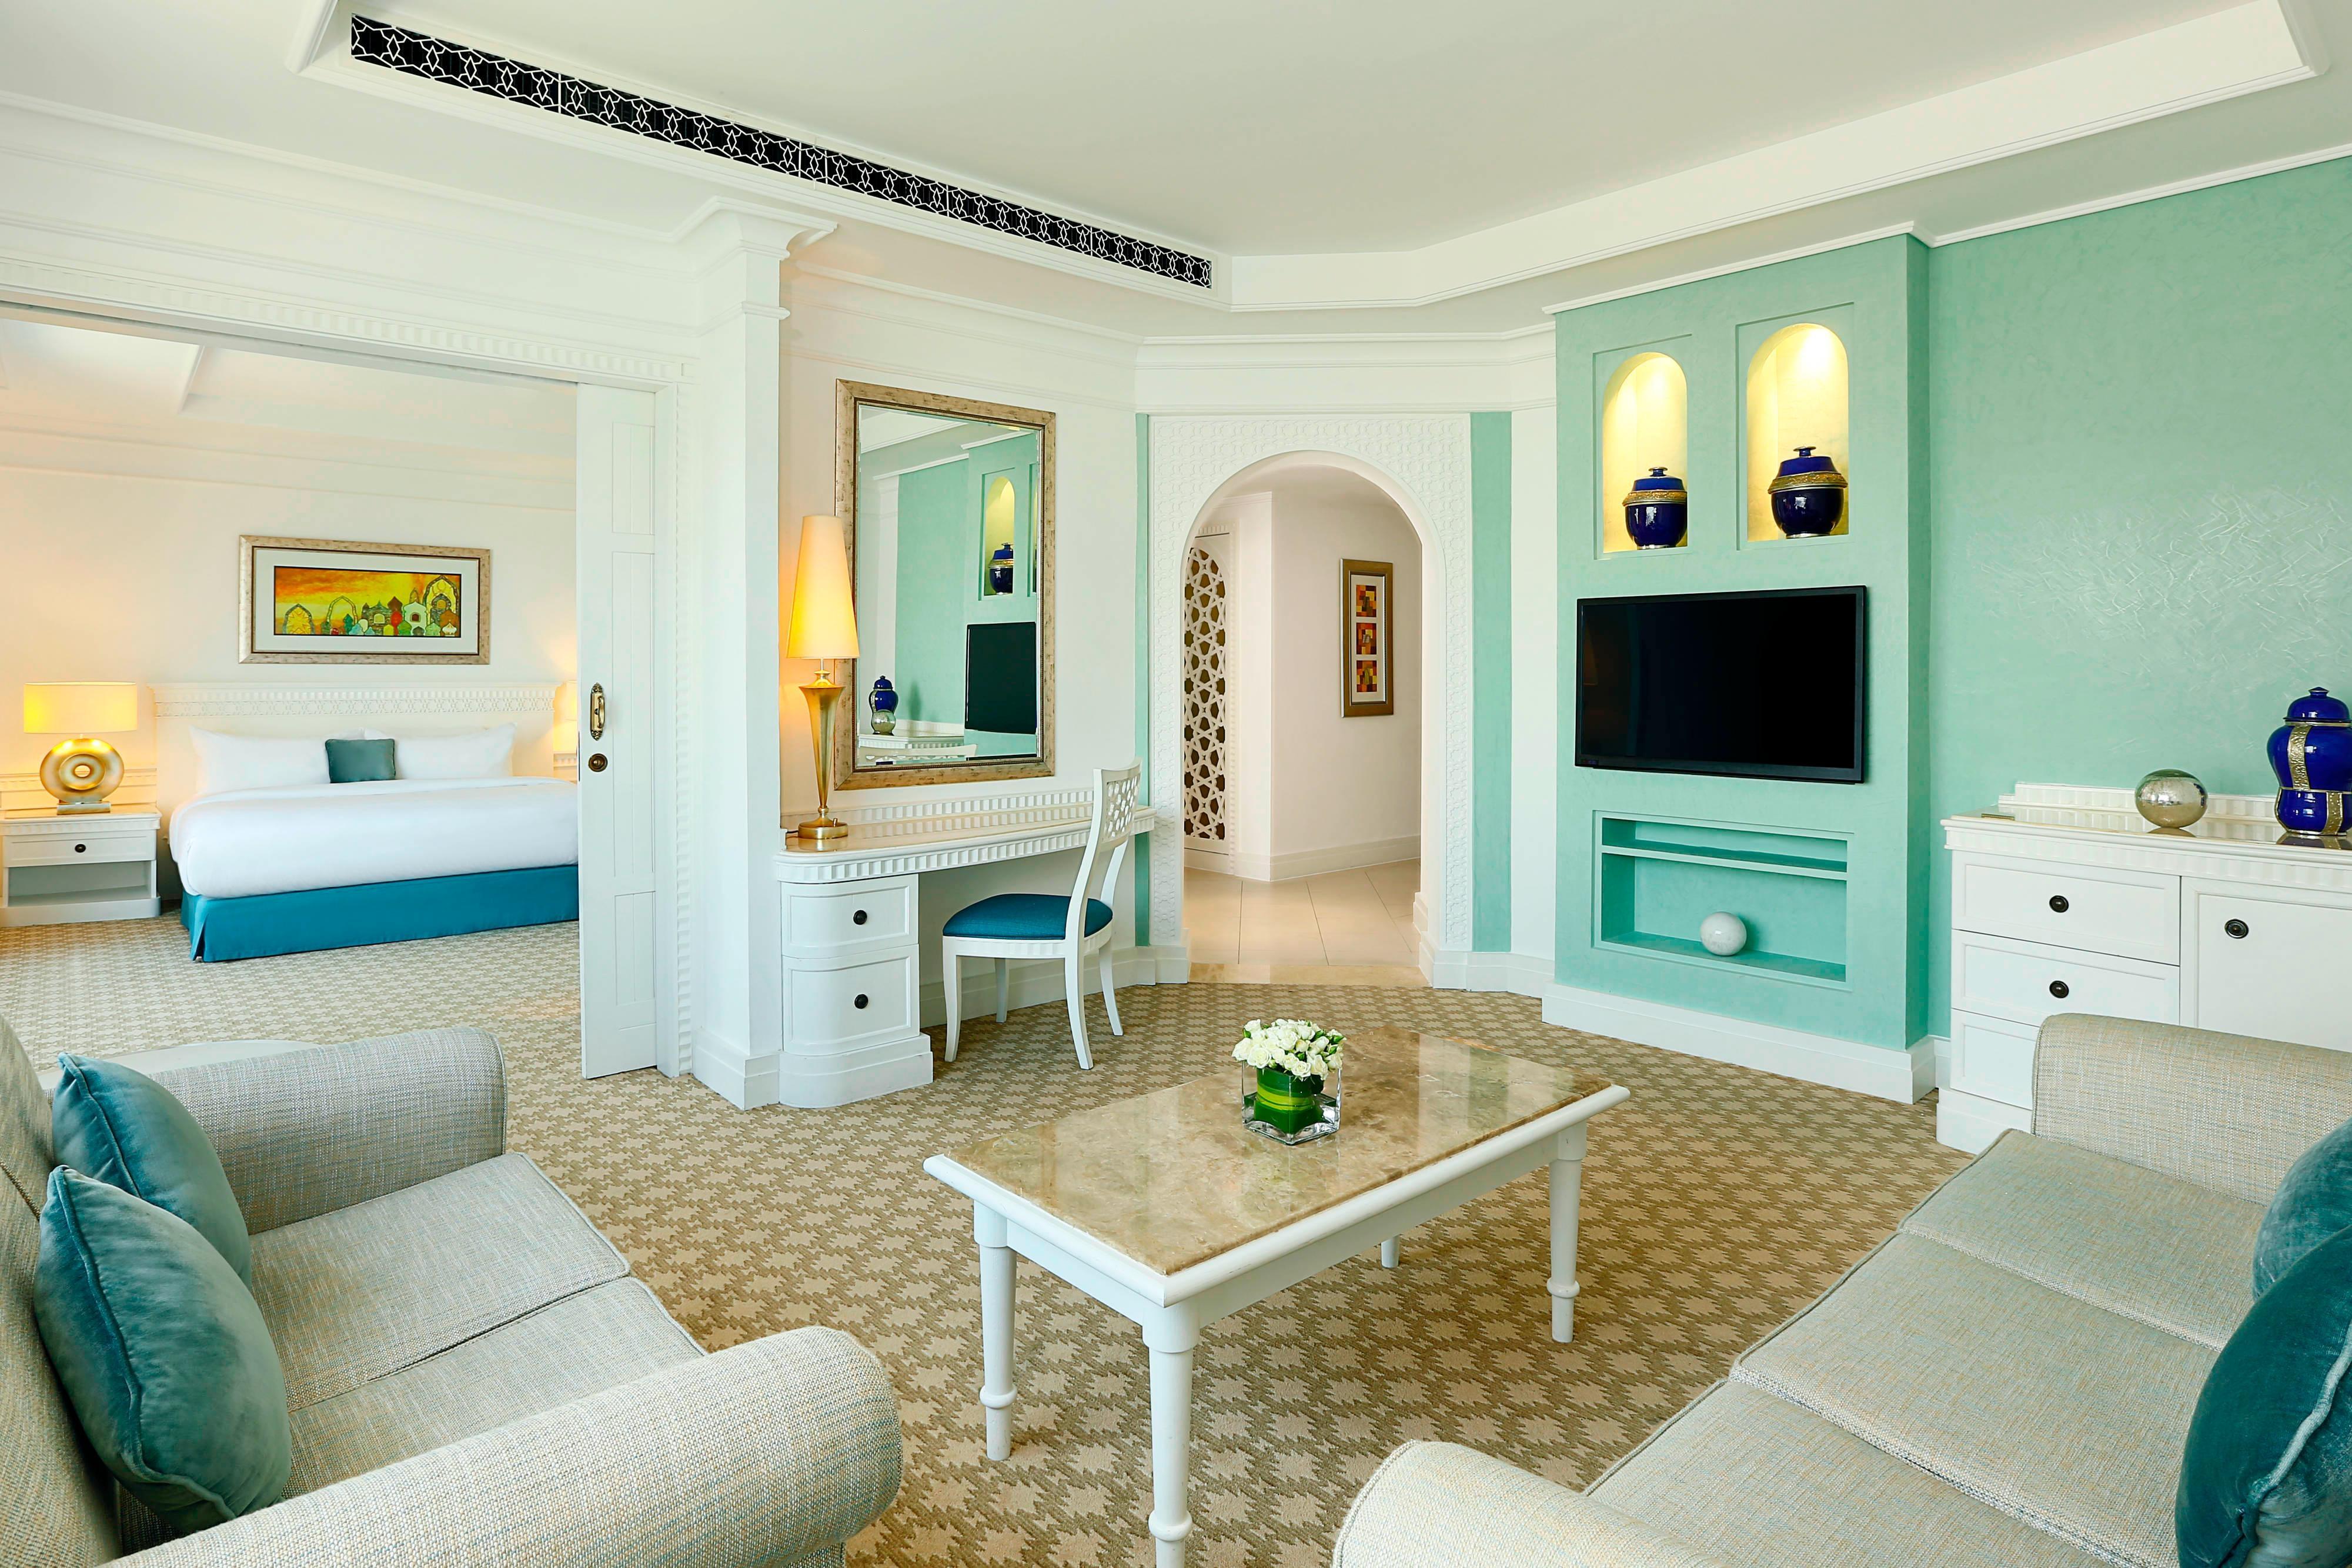 Wohnzimmer der Suite in Dubai